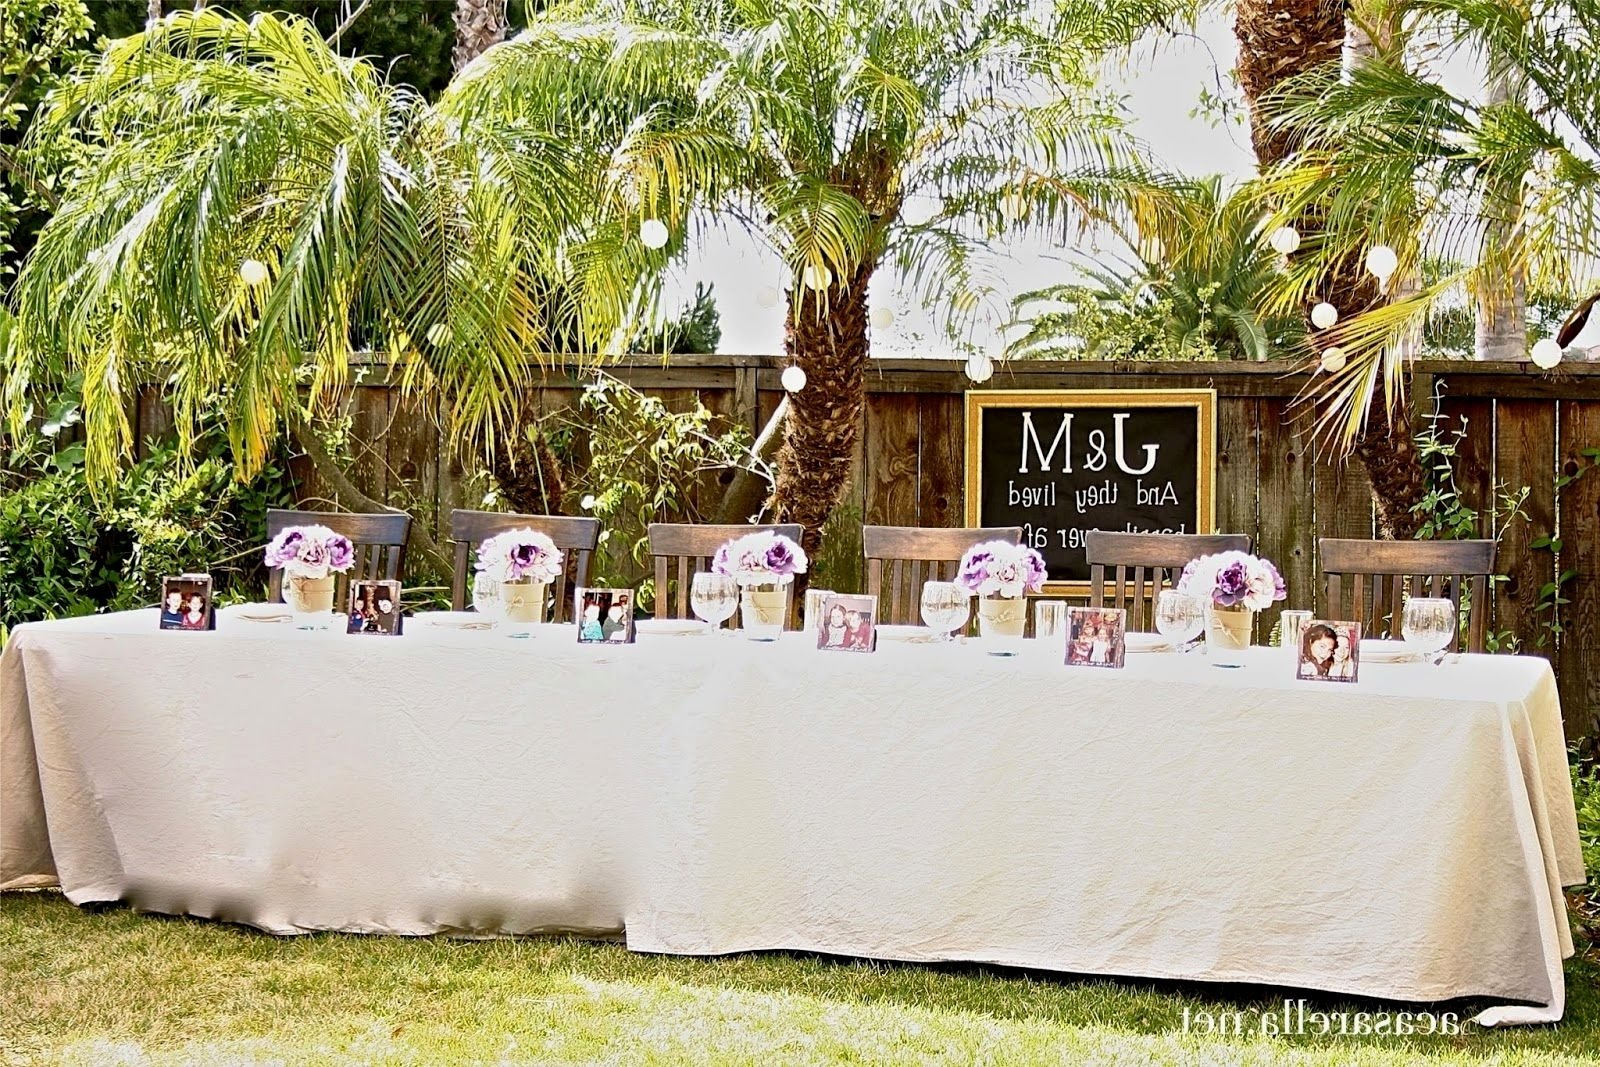 10 Cute Backyard Wedding Ideas For Summer planning a backyard wedding wedding